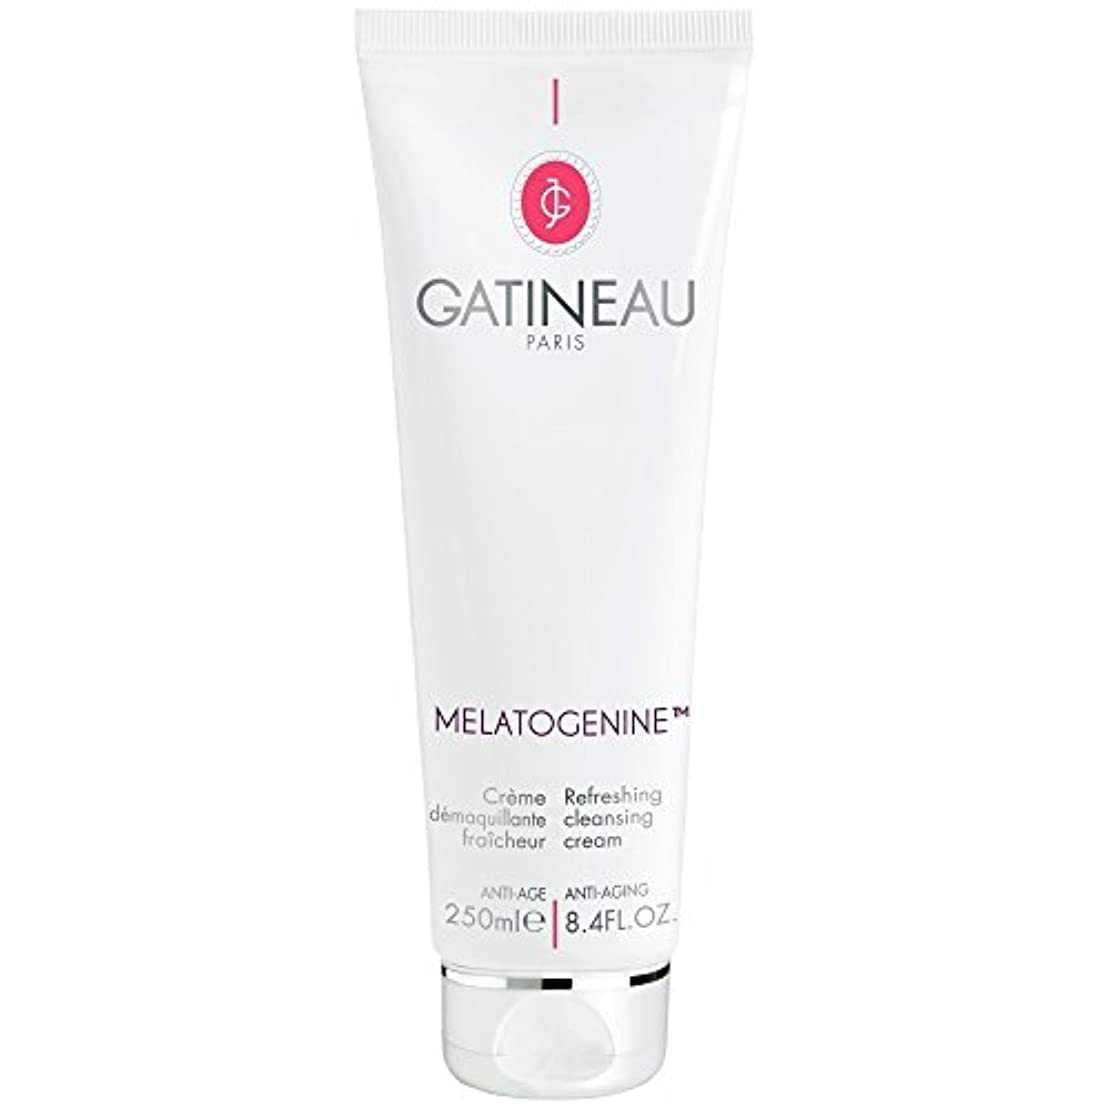 花火開示する裁判官ガティノーMelatogenine?さわやかなクレンジングクリーム、250ミリリットル (Gatineau) - Gatineau Melatogenine? Refreshing Cleansing Cream, 250ml...